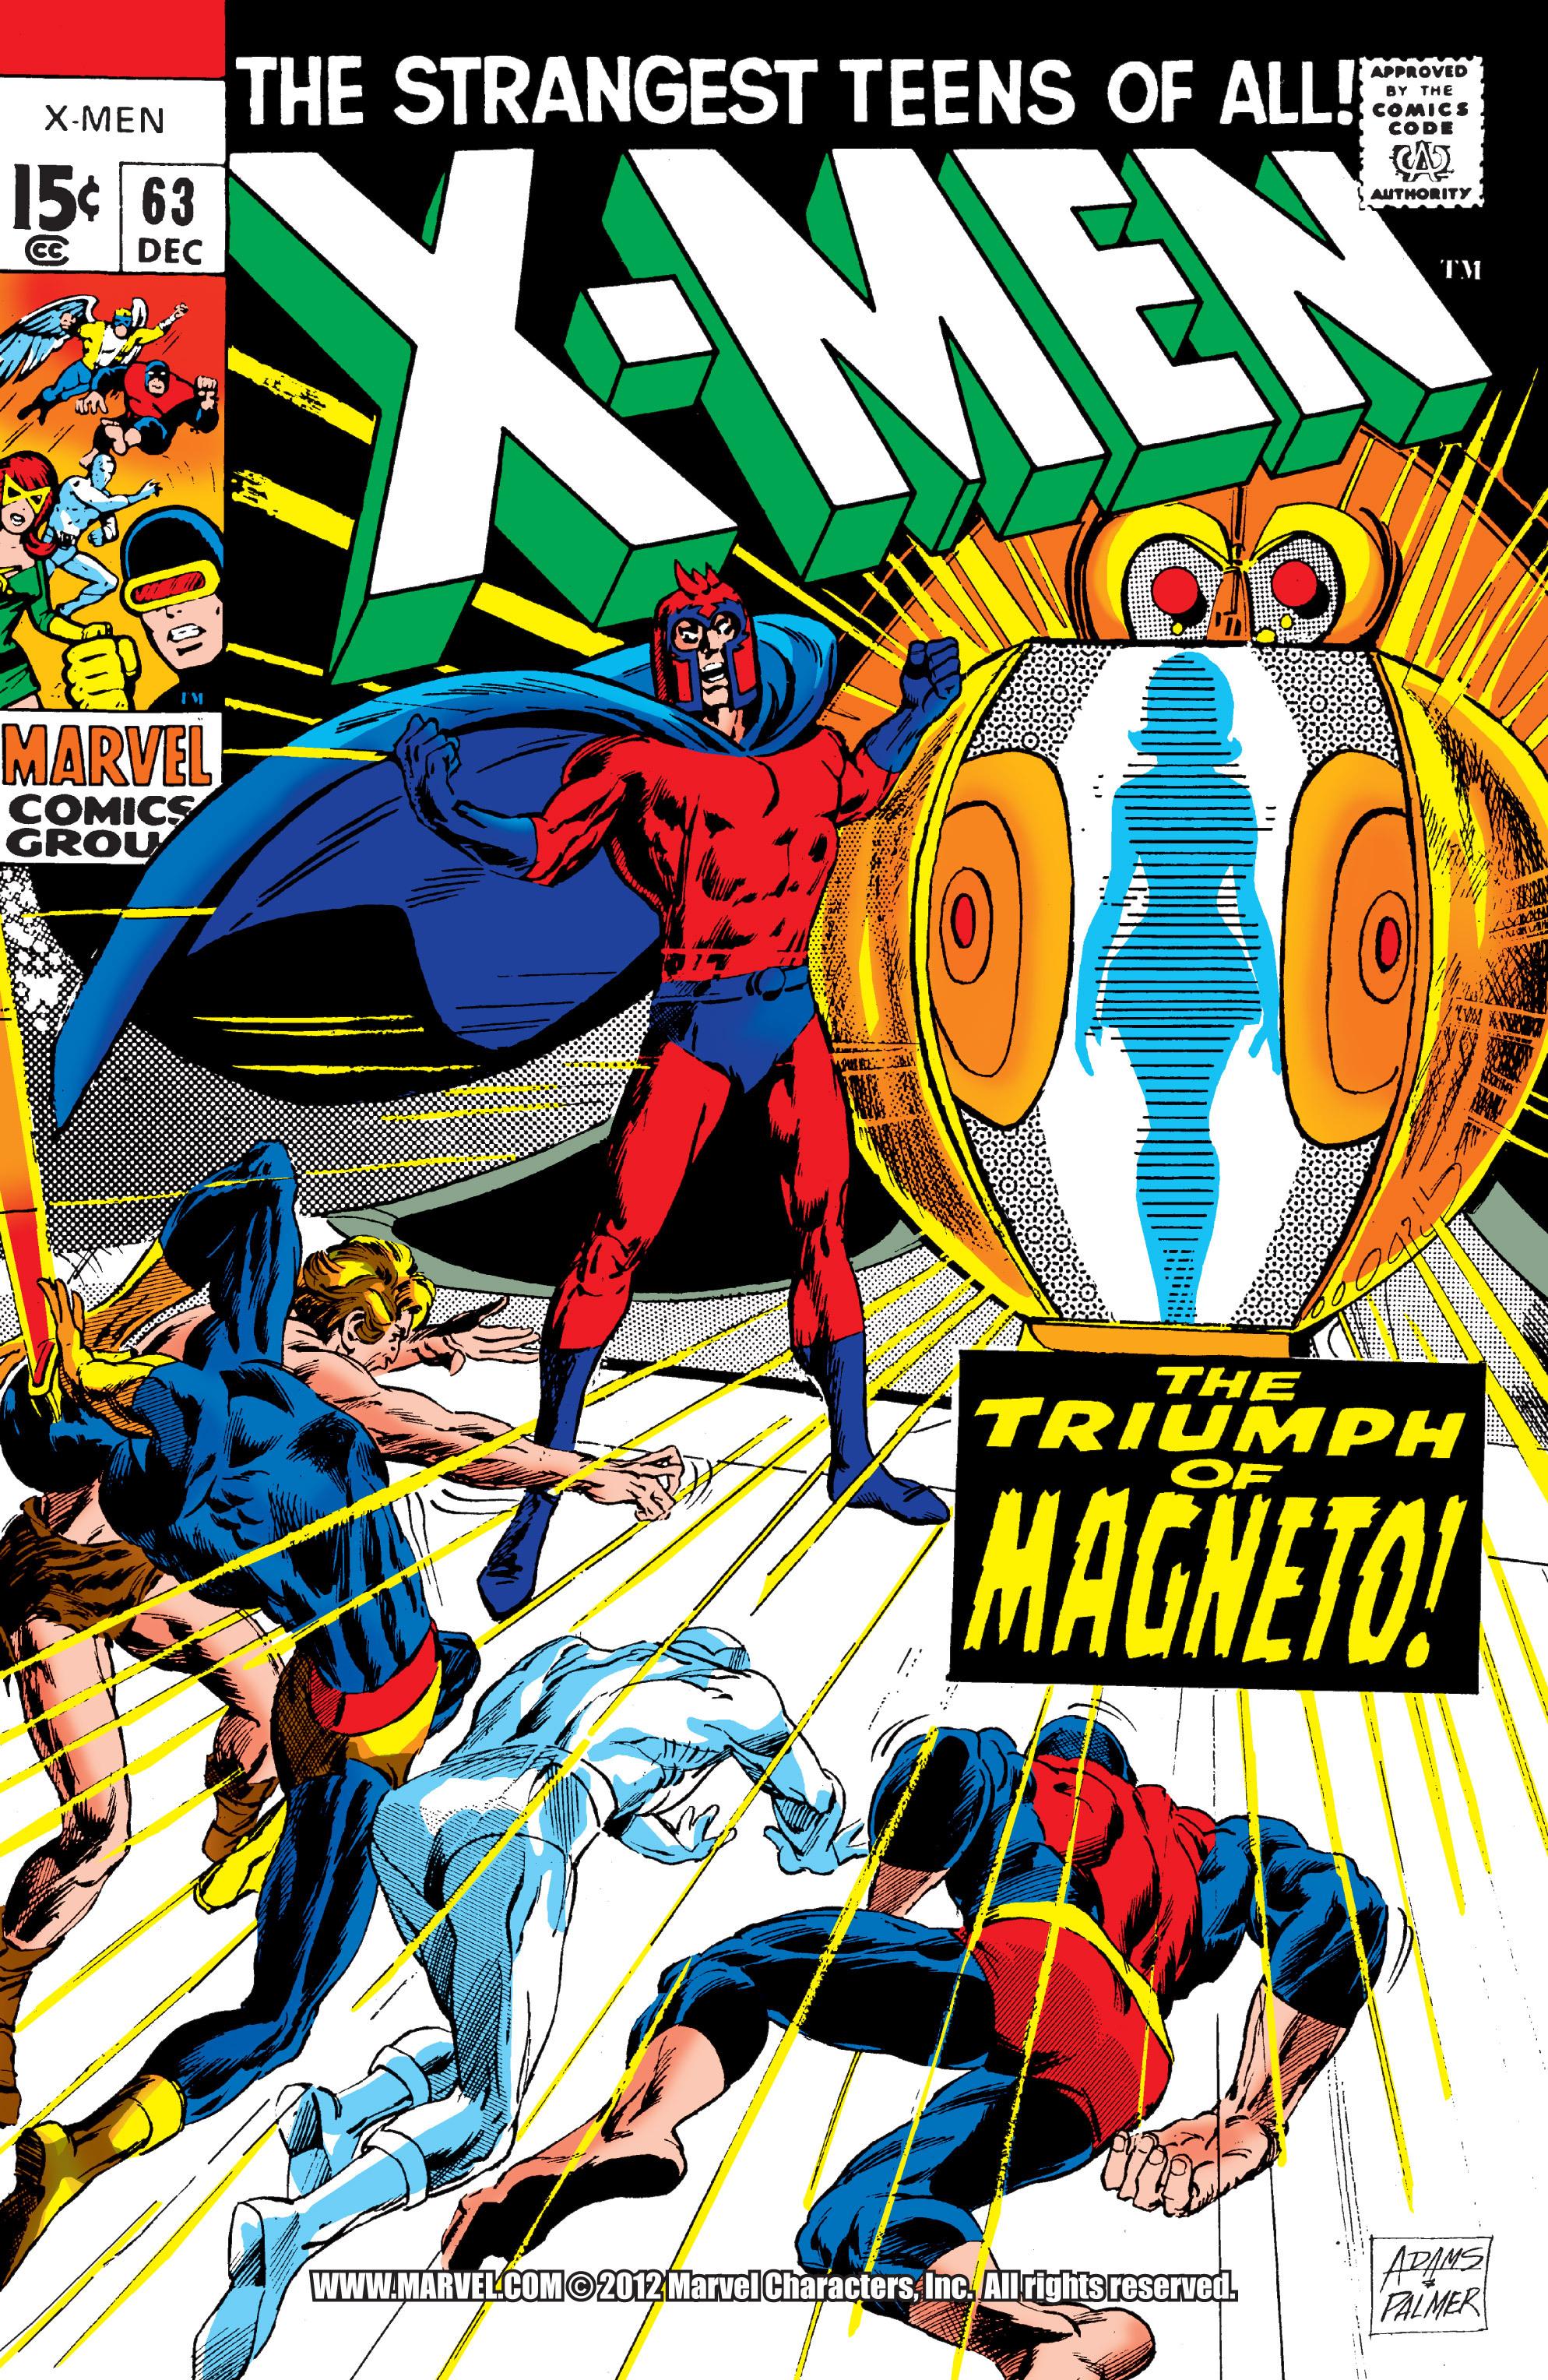 Uncanny X-Men (1963) 63 Page 1